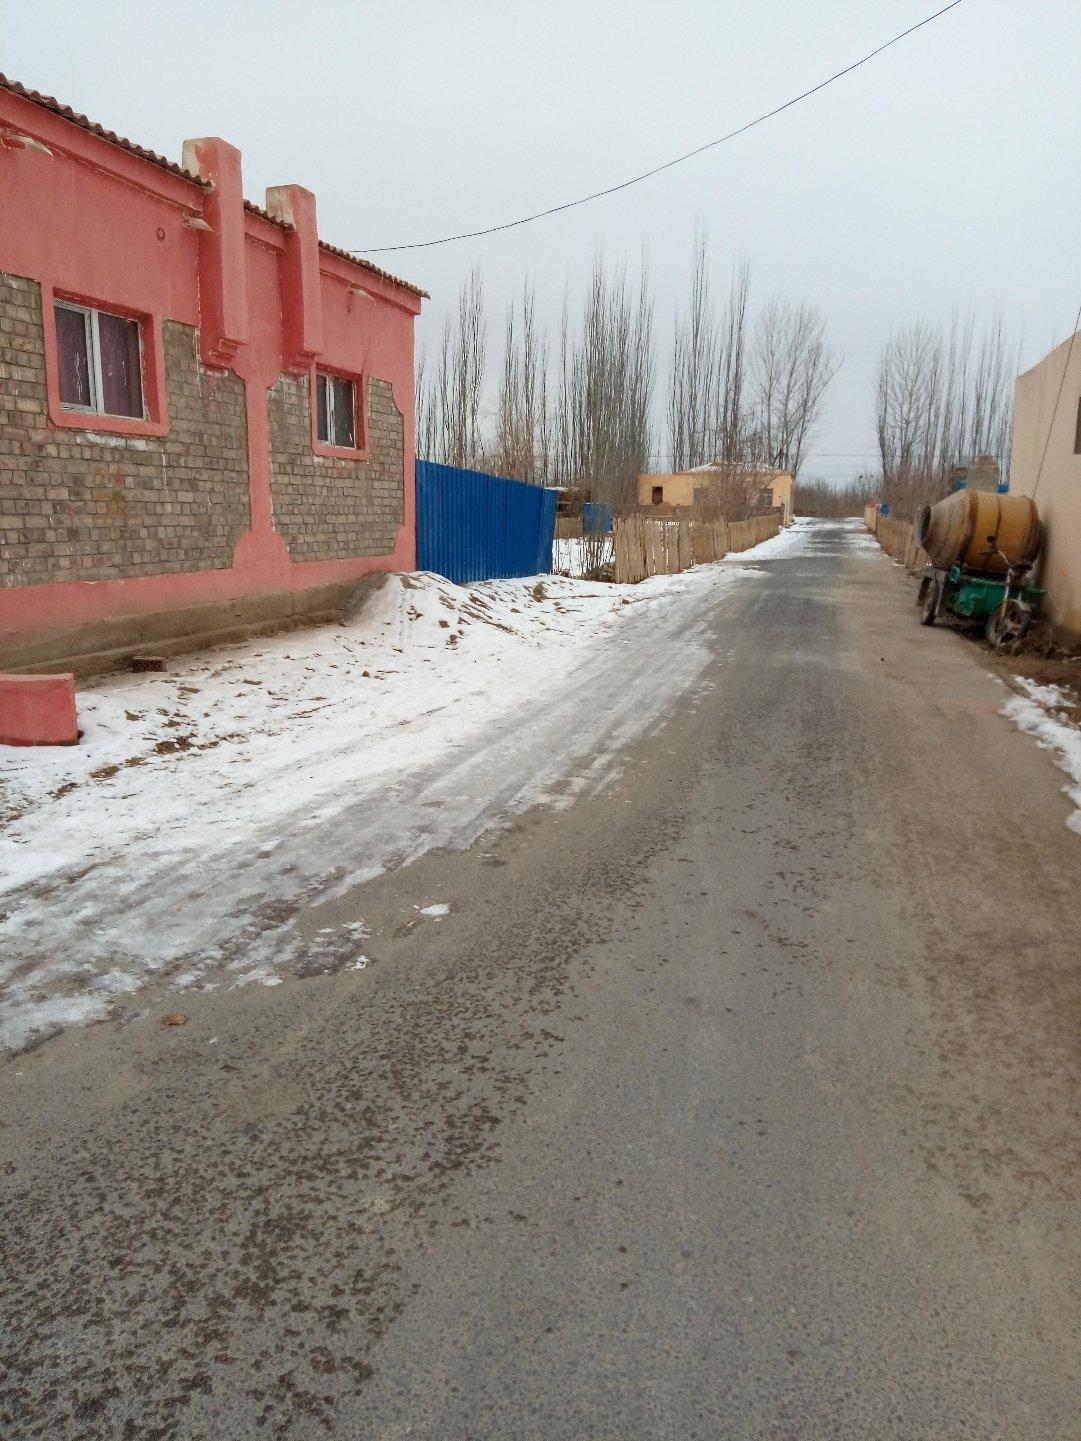 新疆维吾尔自治区和田地区策勒县靠近普那克村天气预报